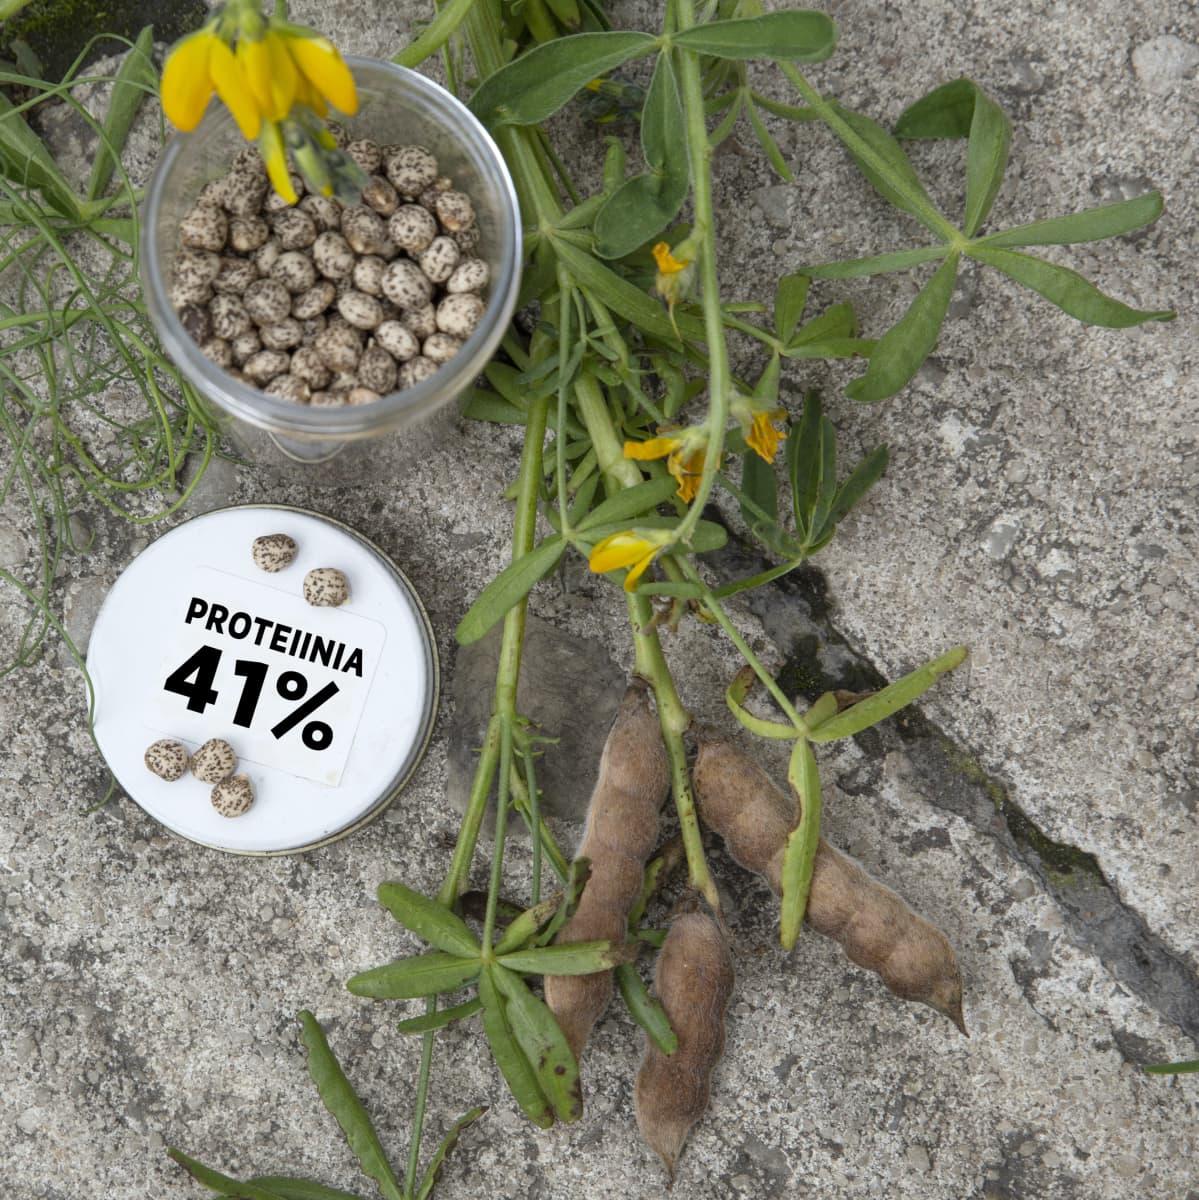 Keltalupiinin siemeniä ja kyltti: proteiinia 41%.